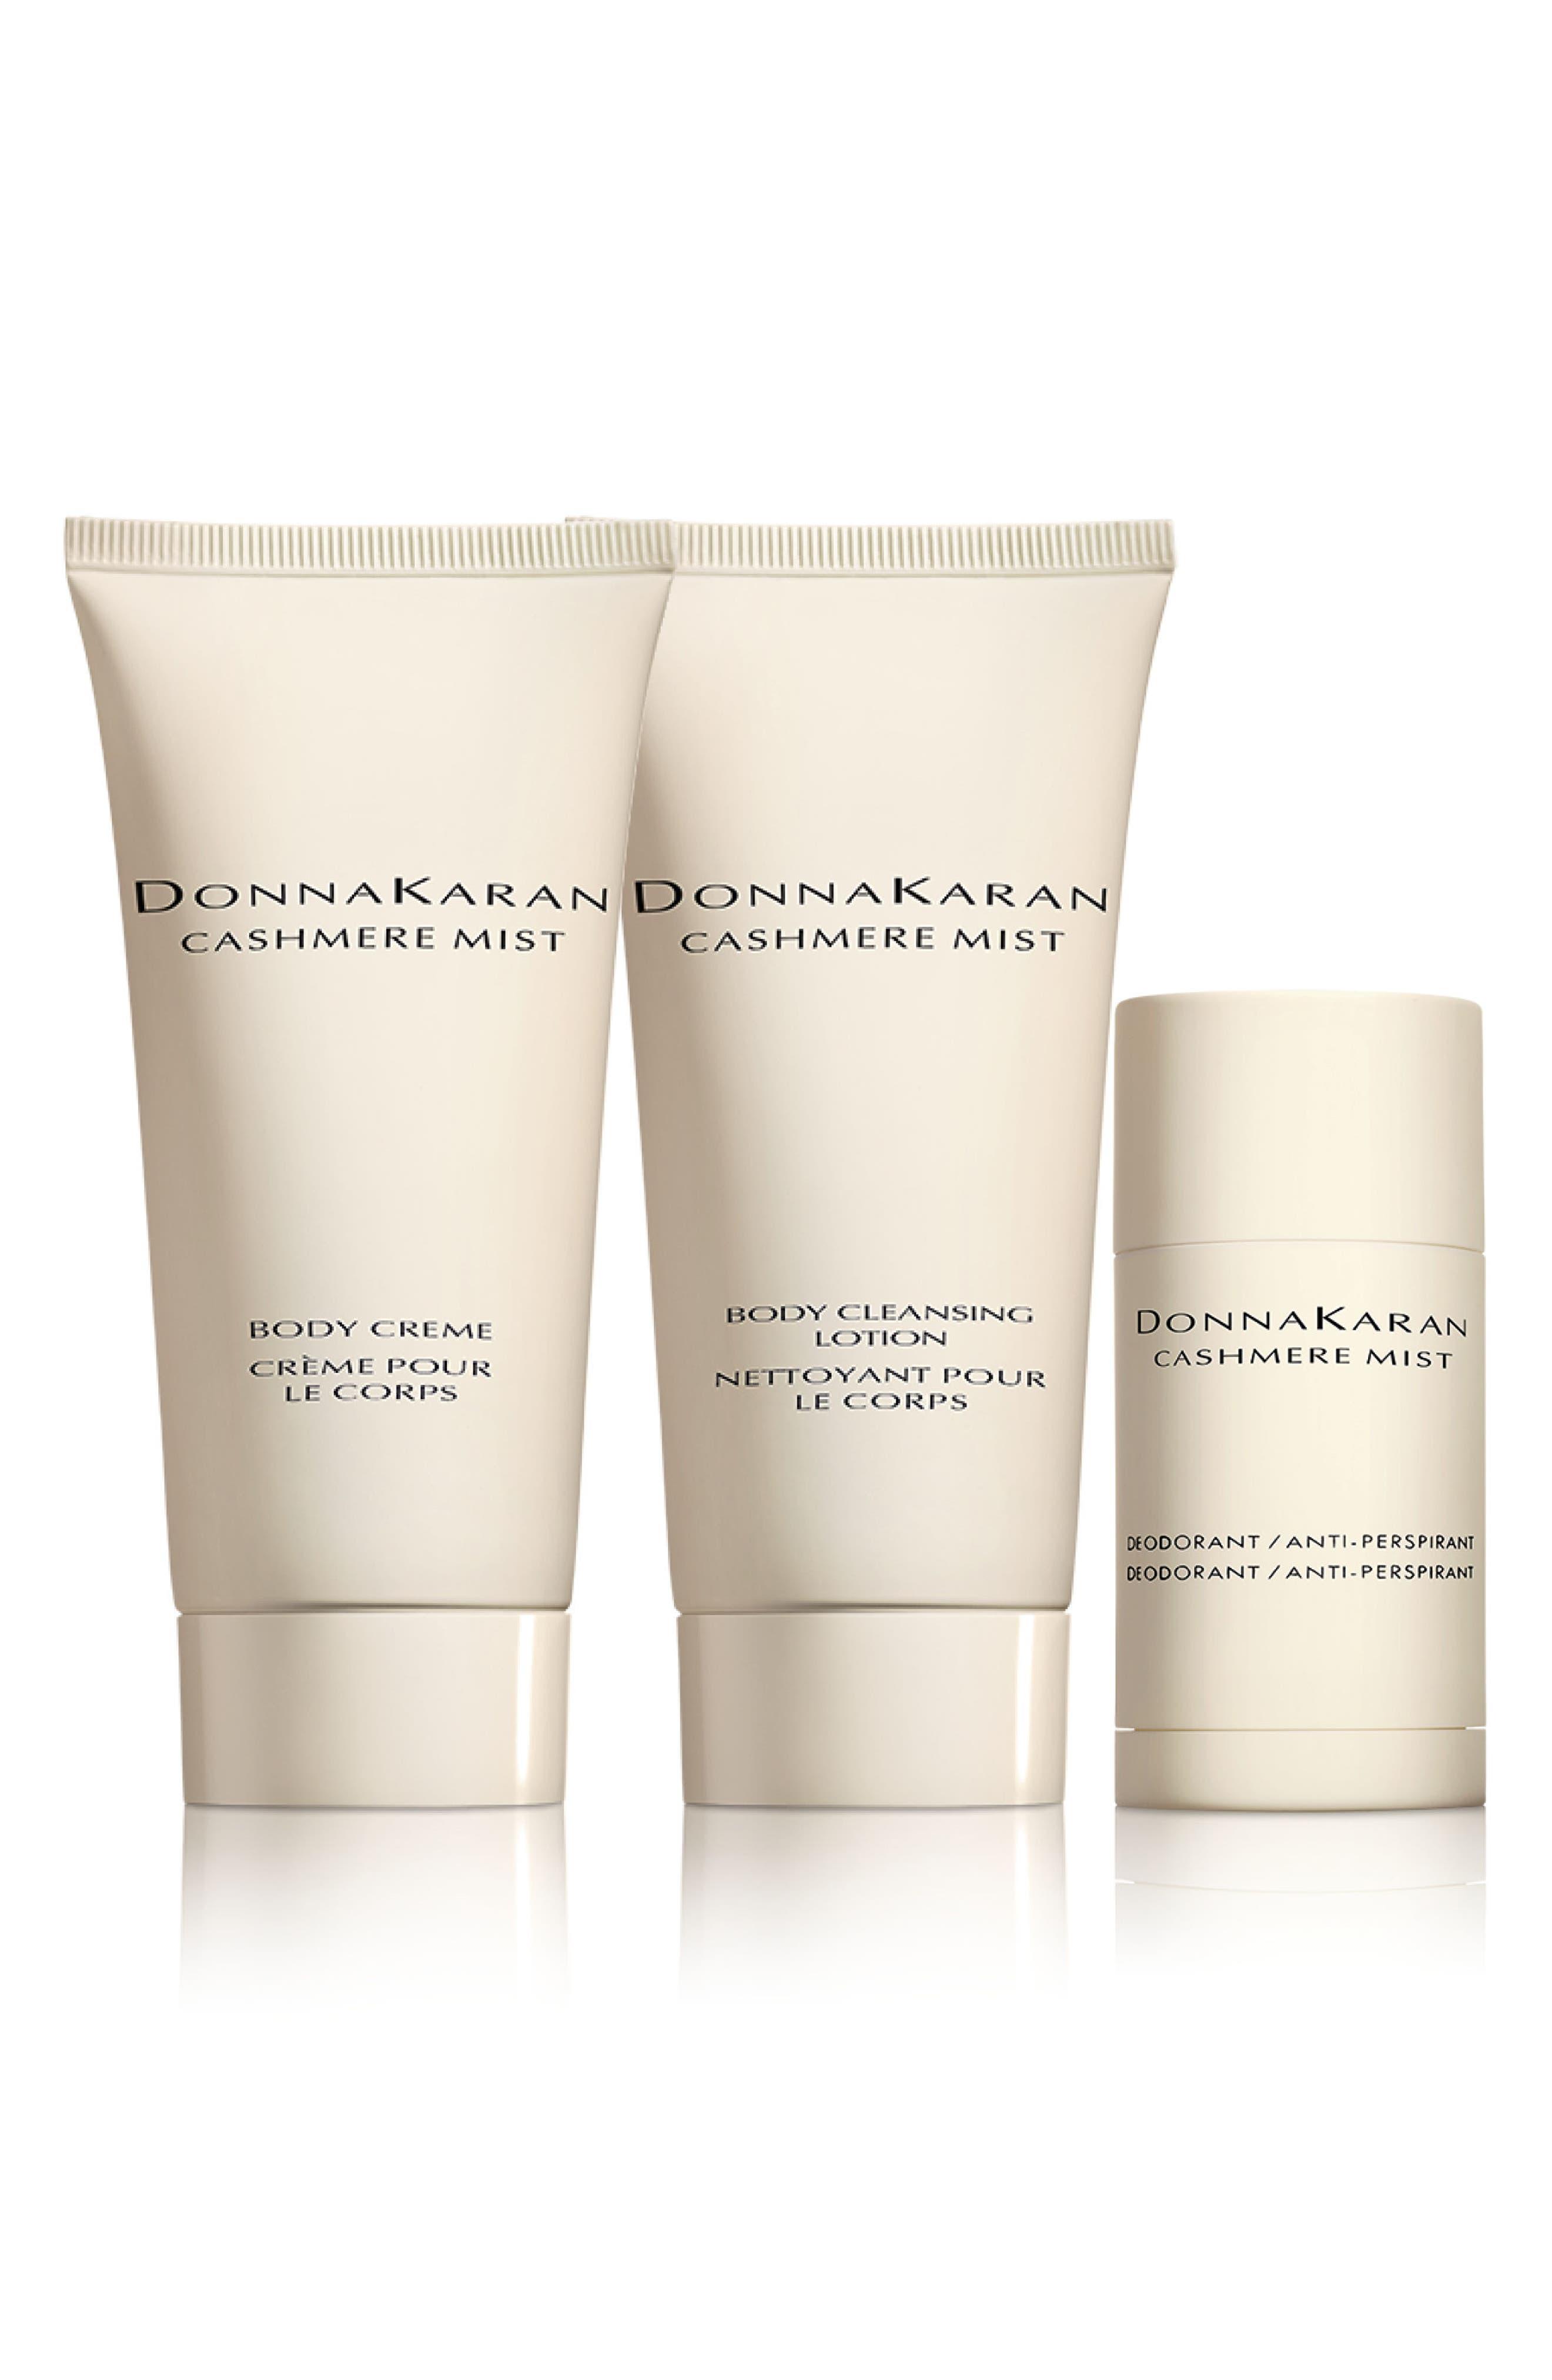 Alternate Image 1 Selected - Donna Karan Cashmere Mist Skin Care Set ($52 Value)